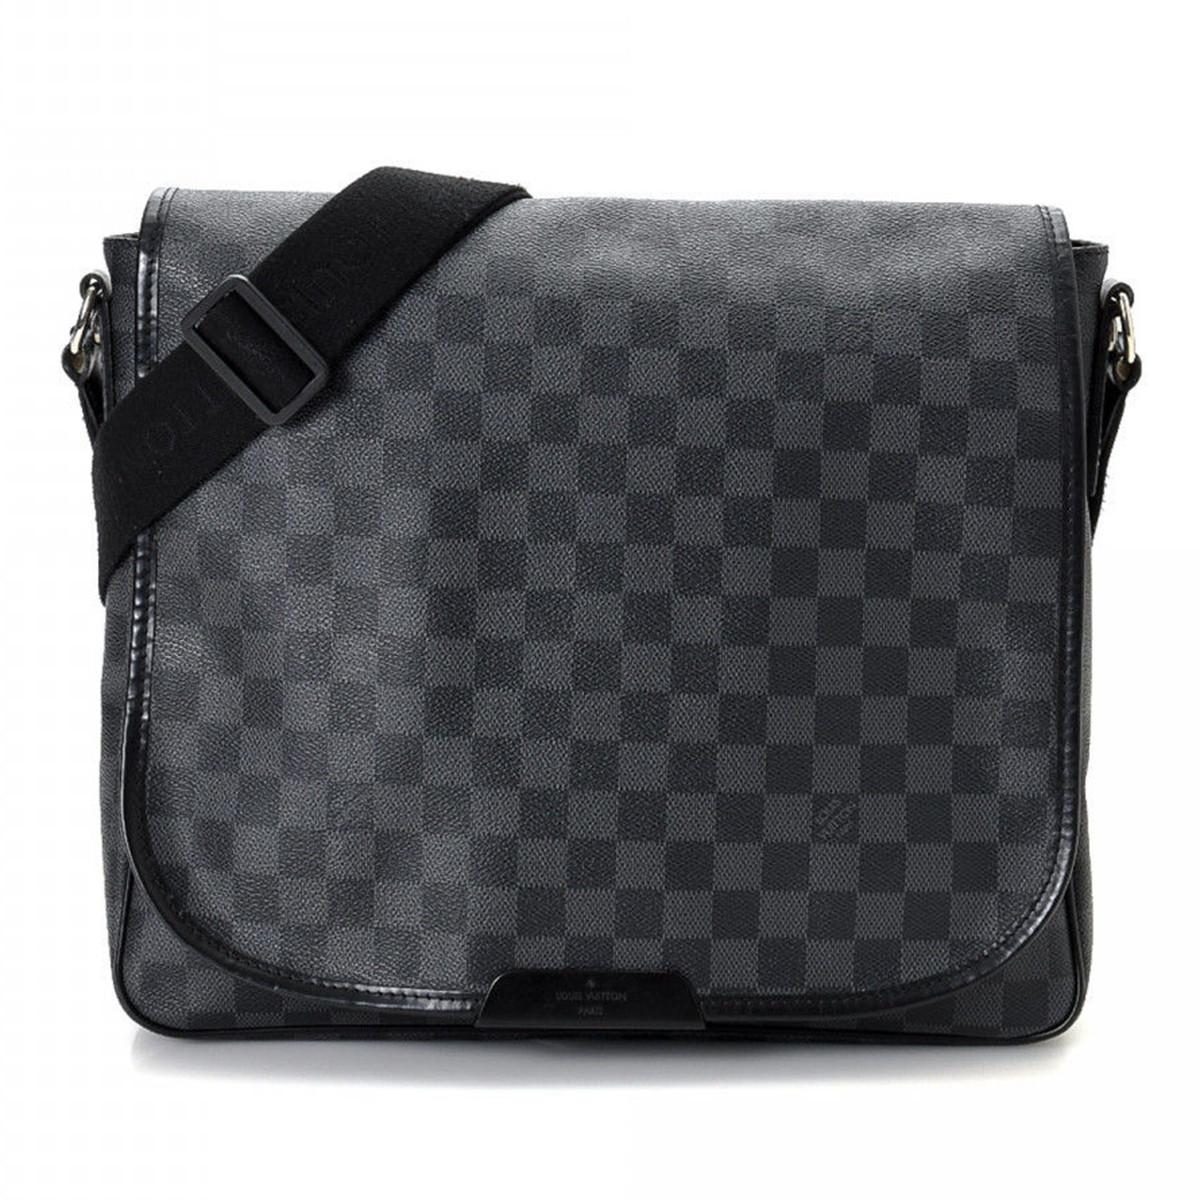 Vintage Louis Vuitton Damier Graphite Messenger Bag